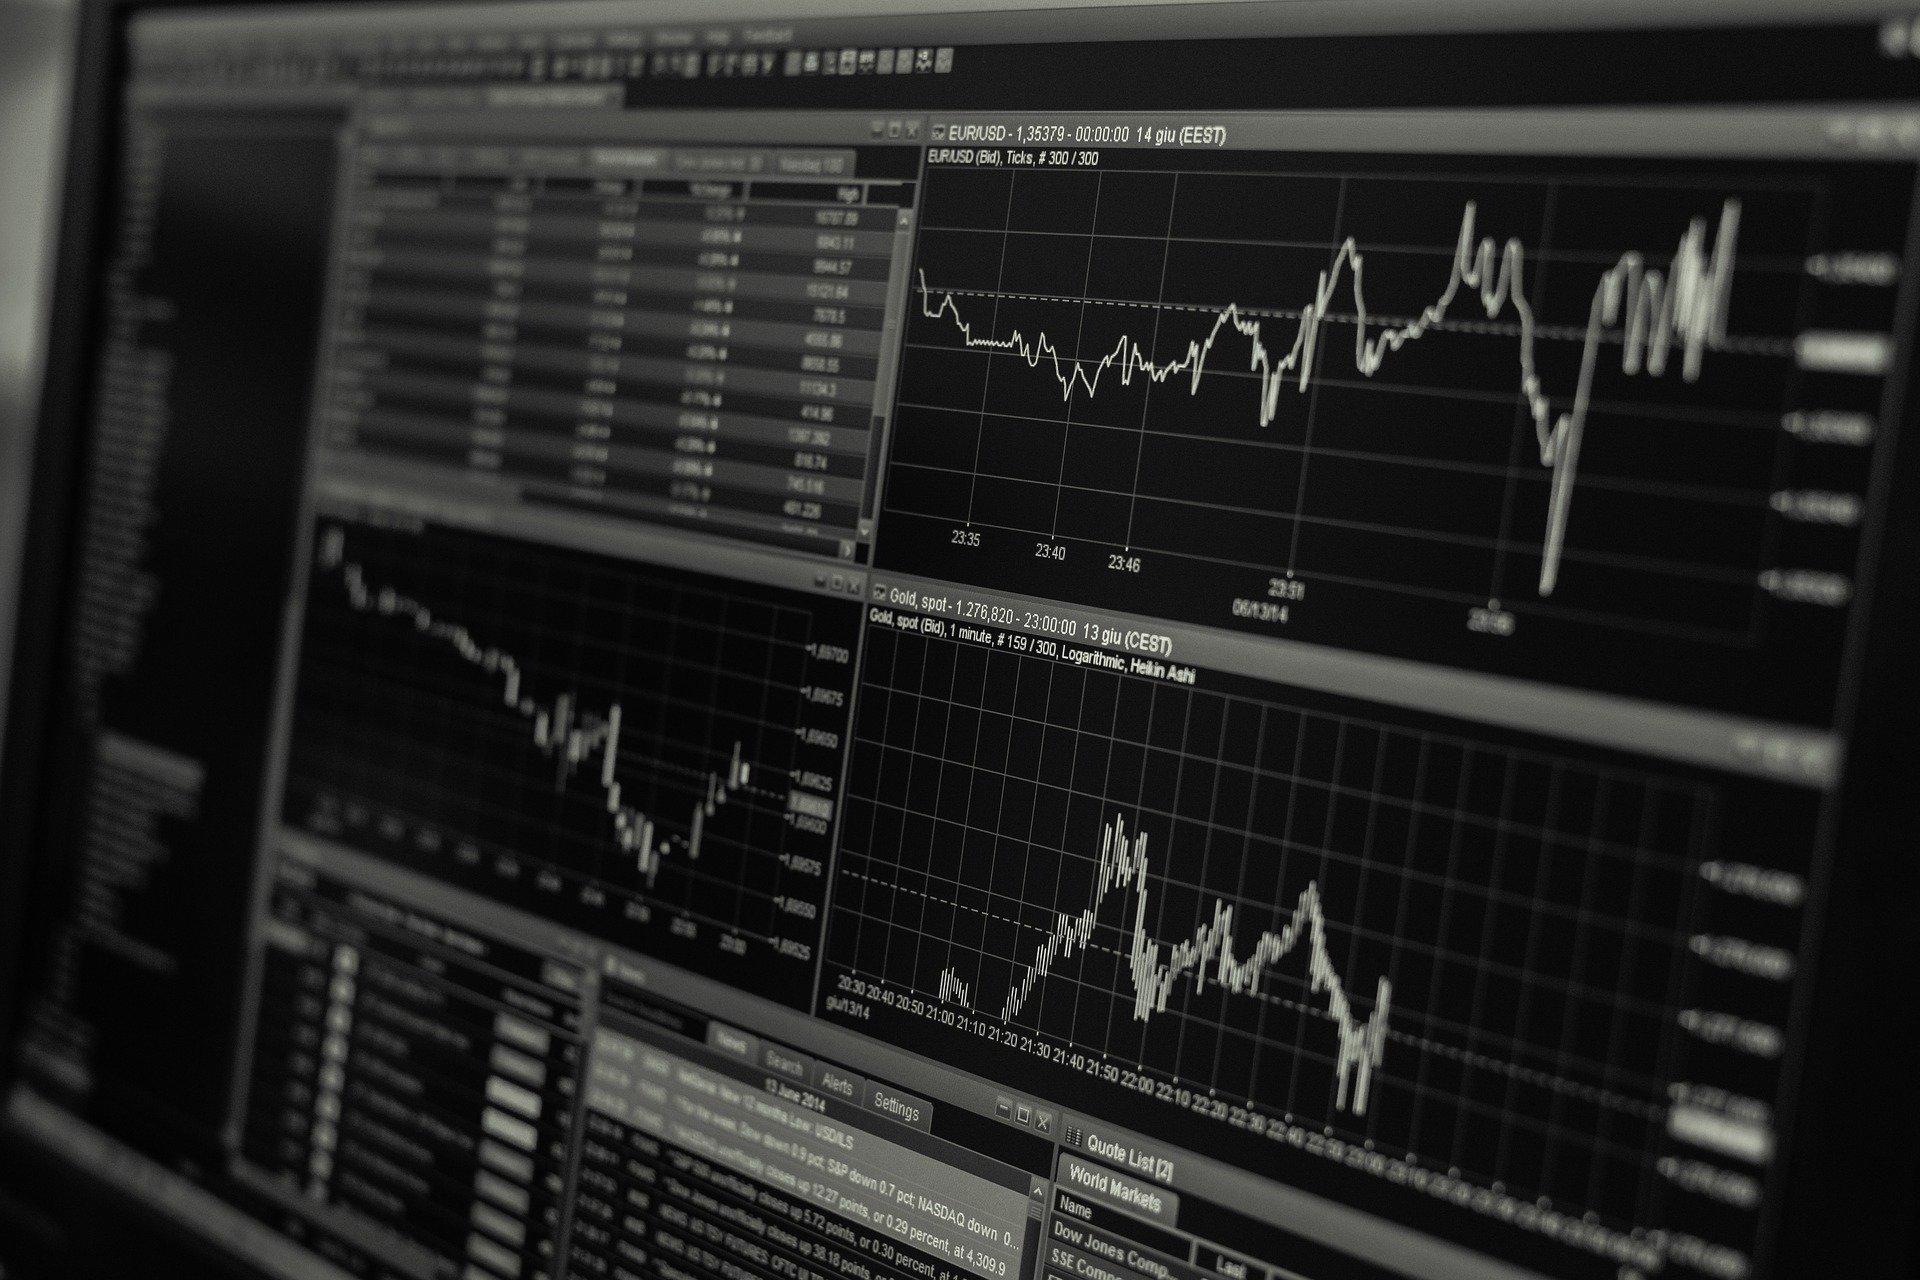 Trading di borsa, ecco le piattaforme per fare previsioni accurate